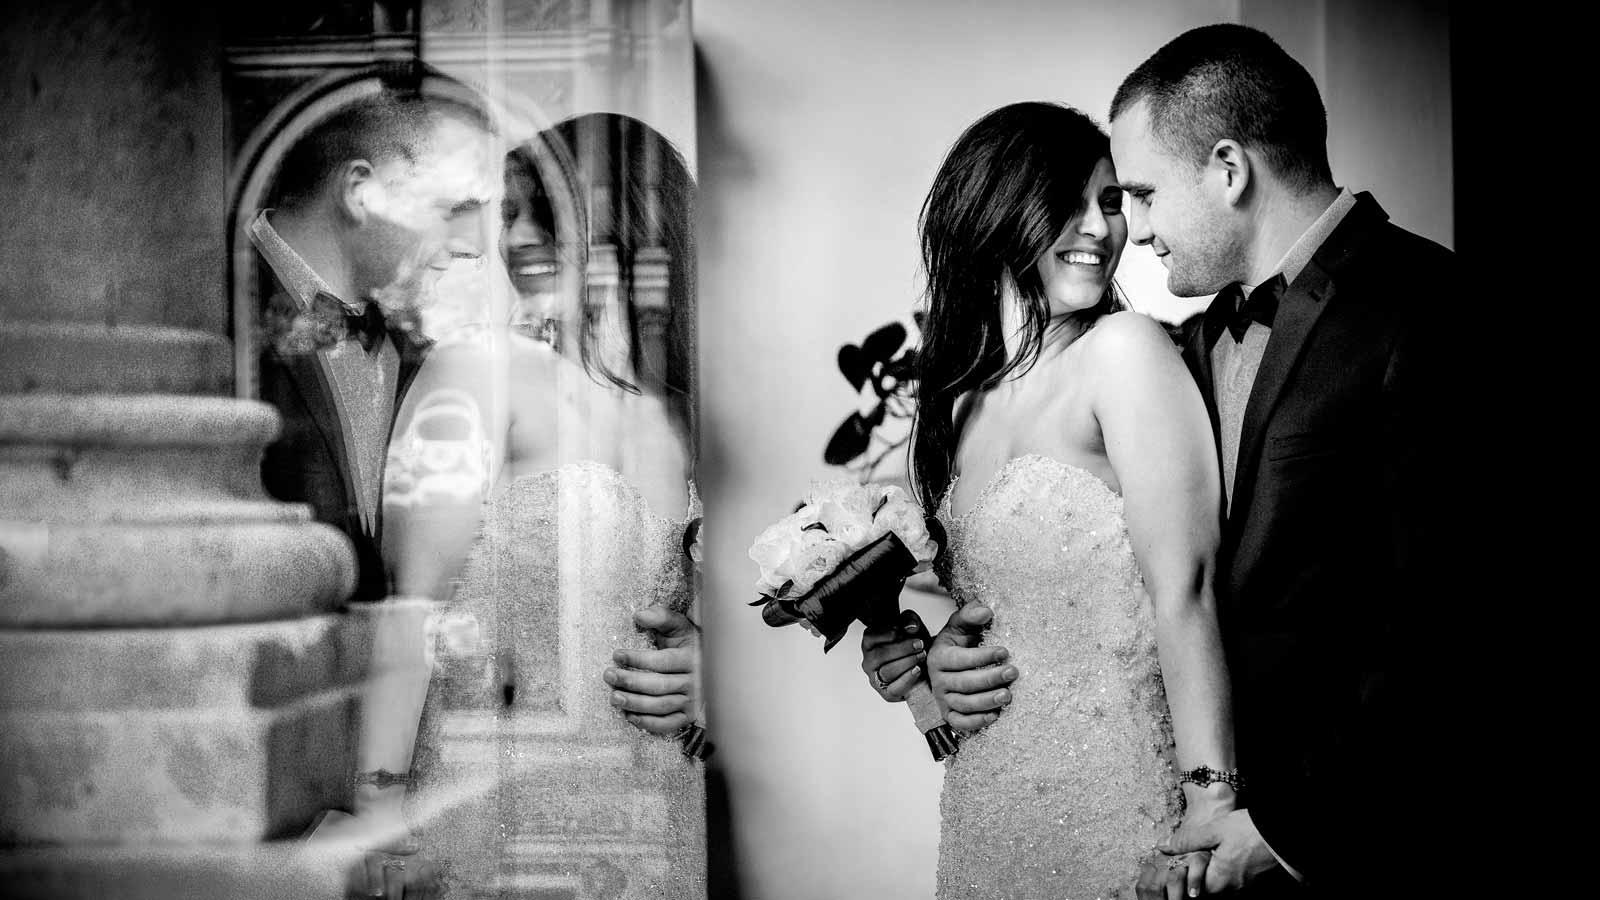 fotografo-matrimonio-taormina-sicilia-luxury-wedding-reportage-di-matrimonio-fotografo-messina-012